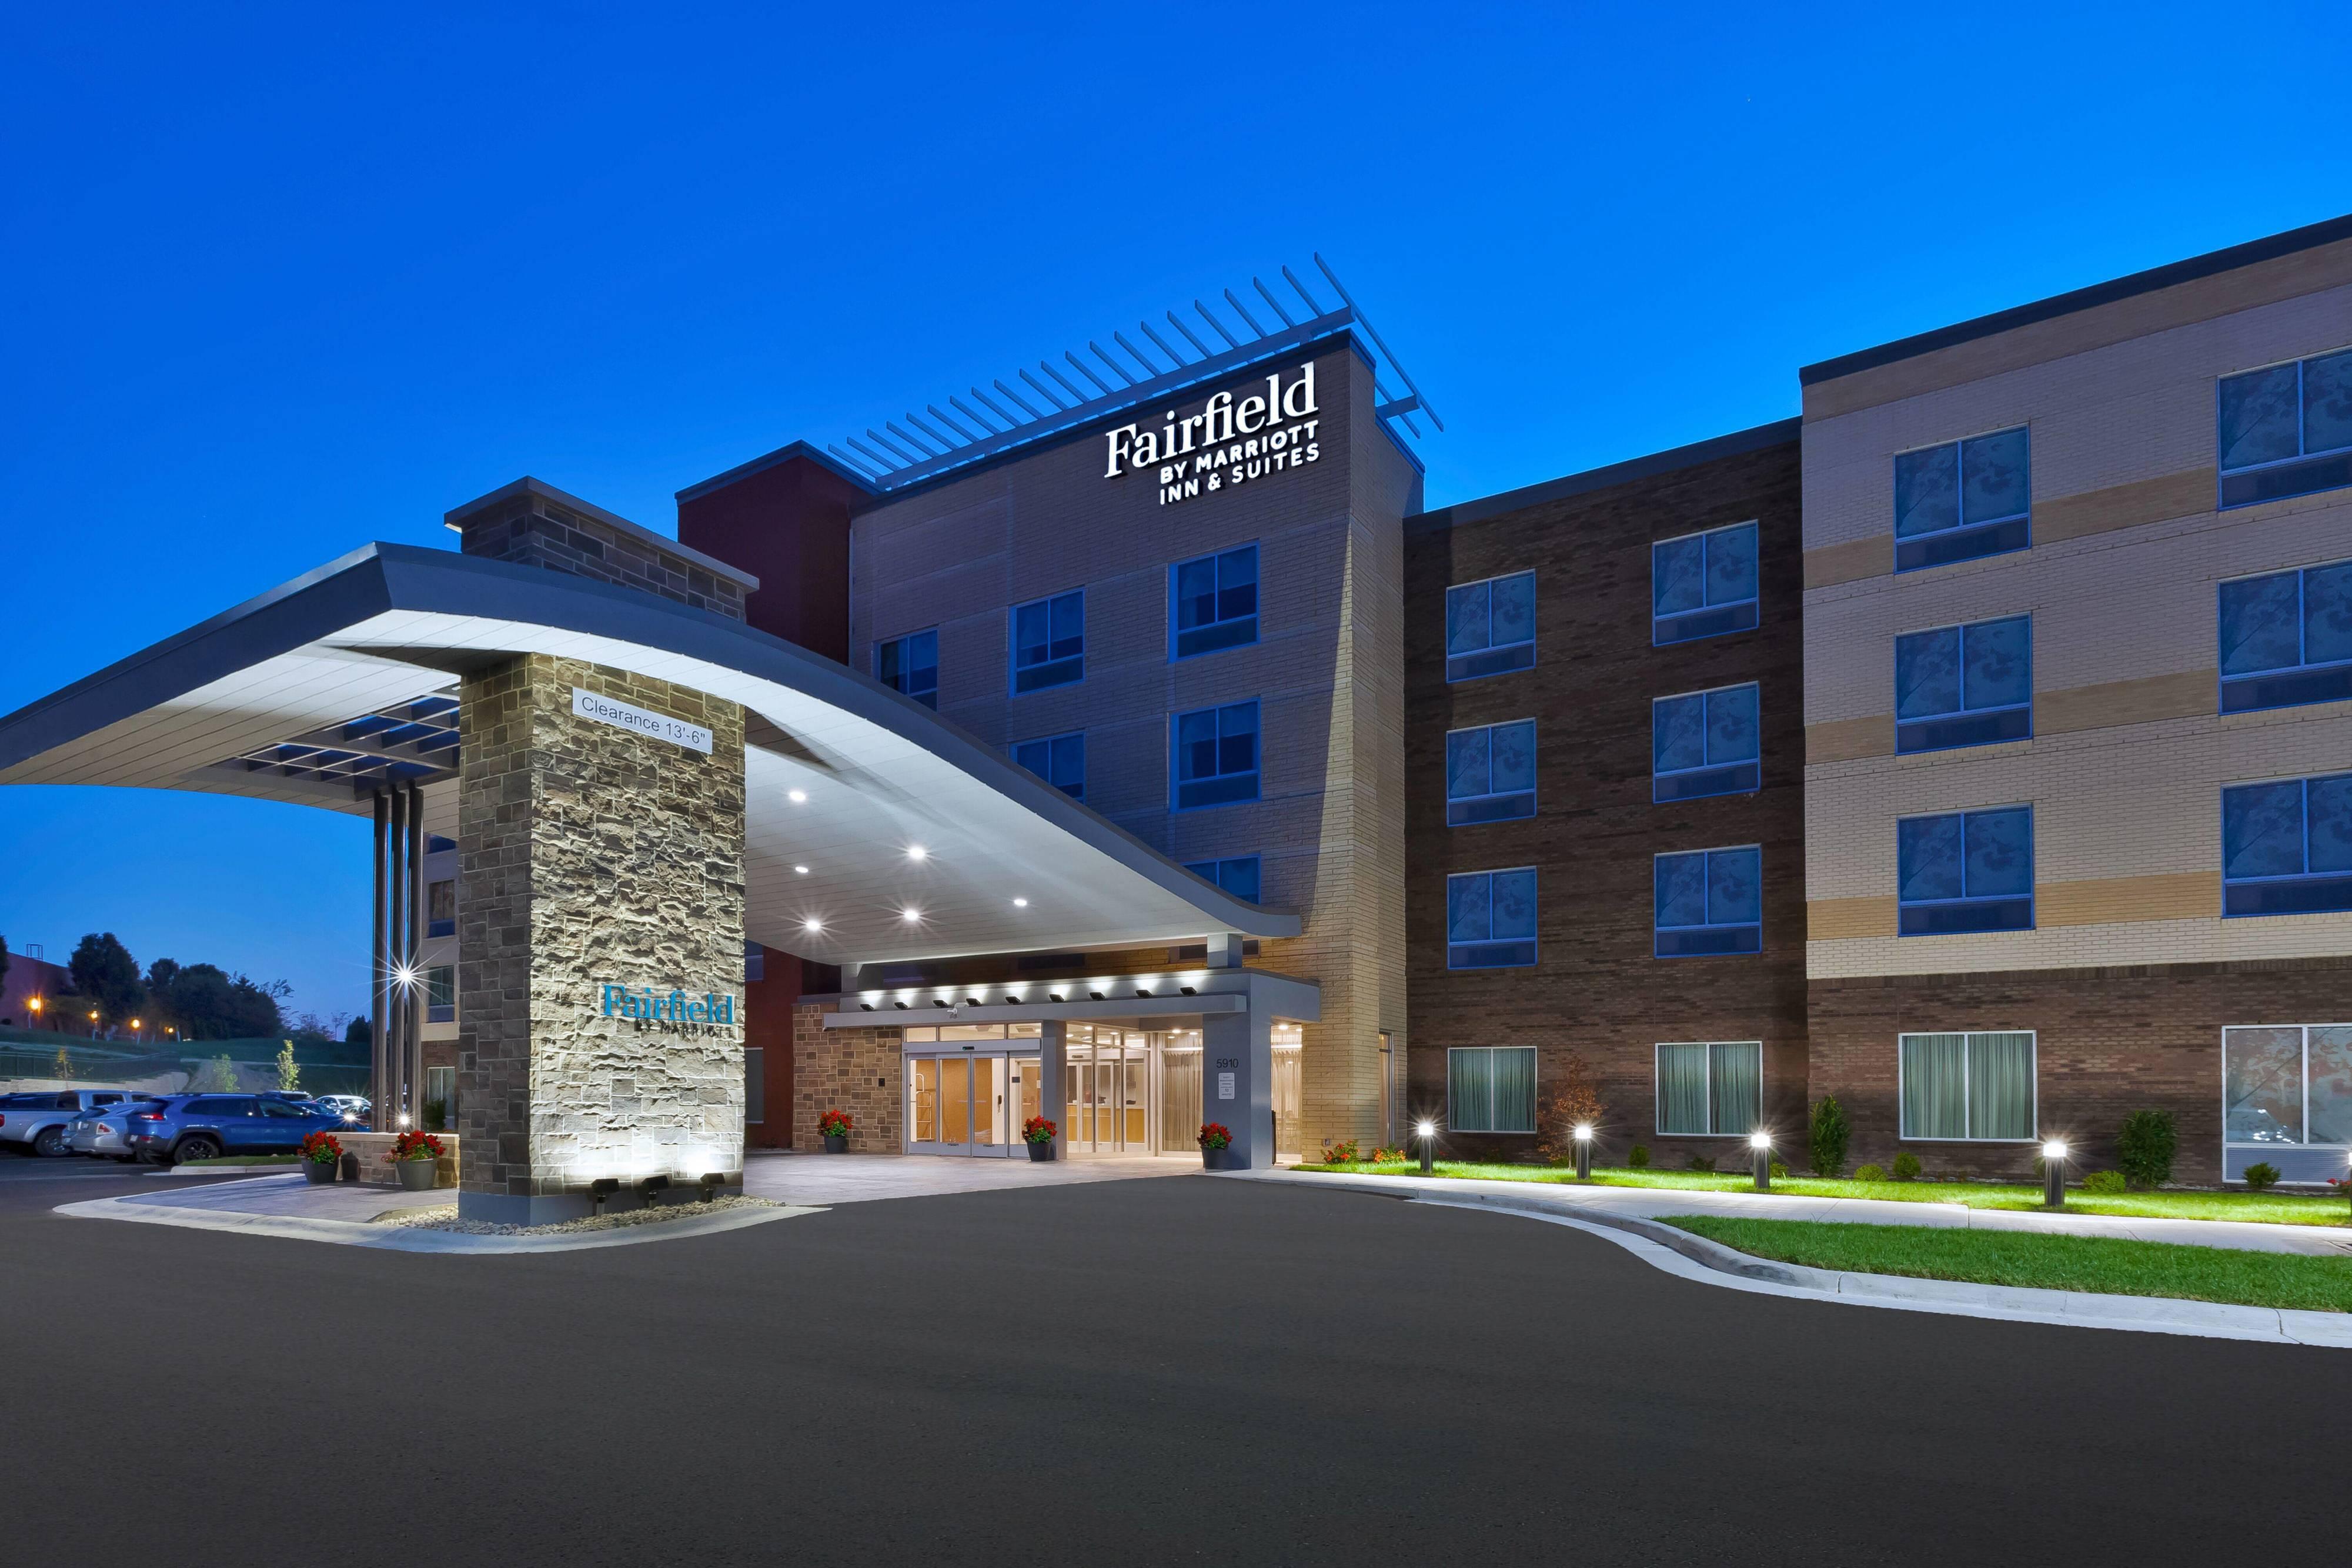 Fairfield Inn N Stes Cincinnati Arpt